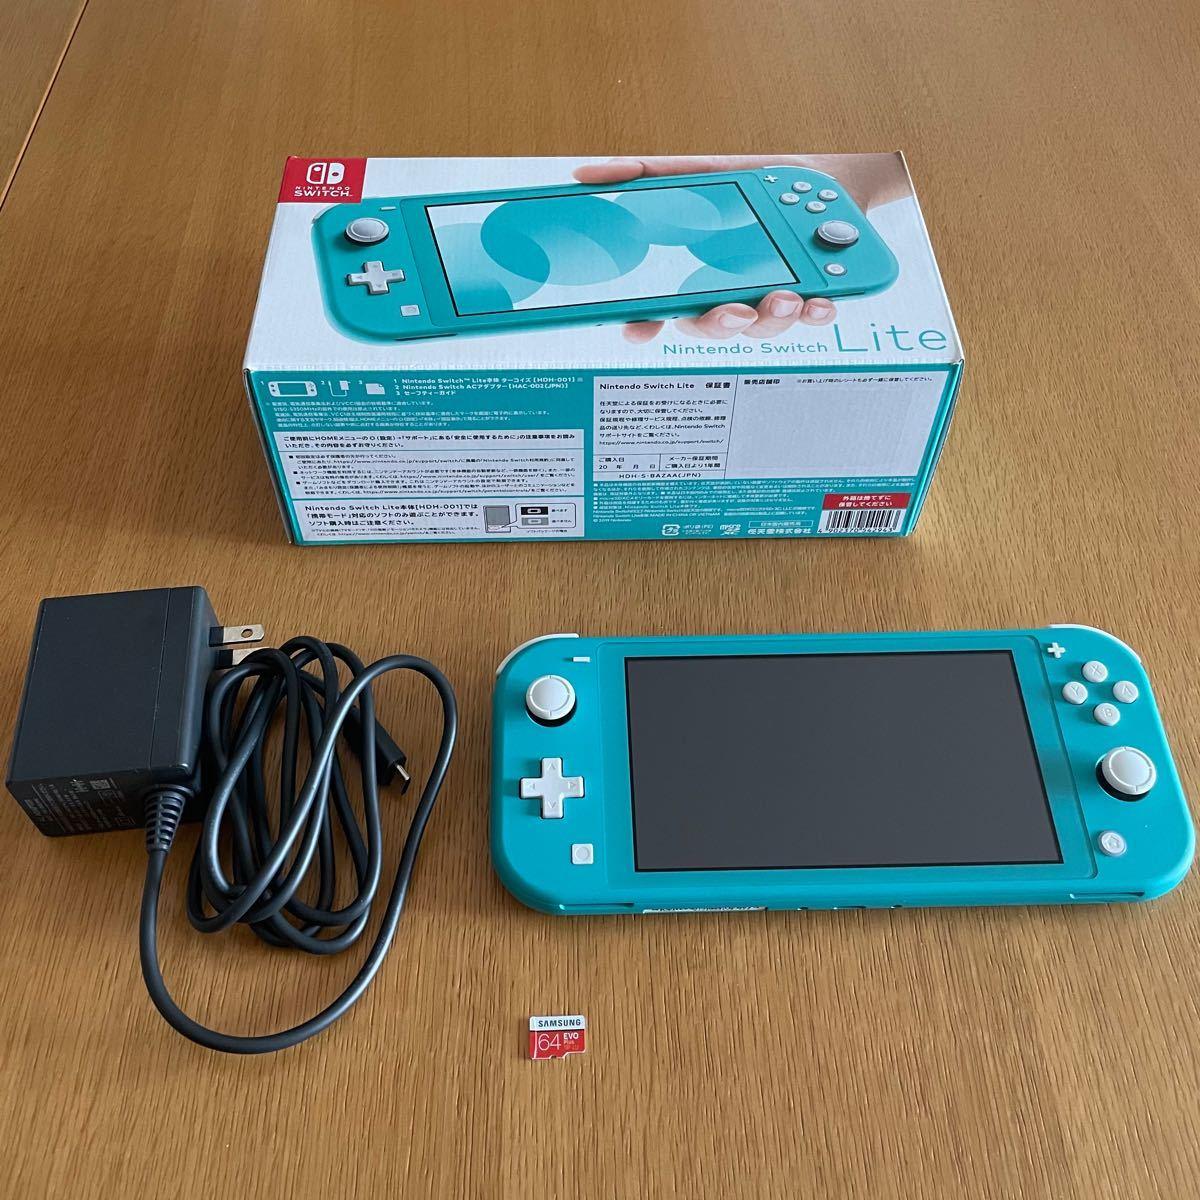 Nintendo  switch  lite ニンテンドー スイッチ ライト ターコイズ